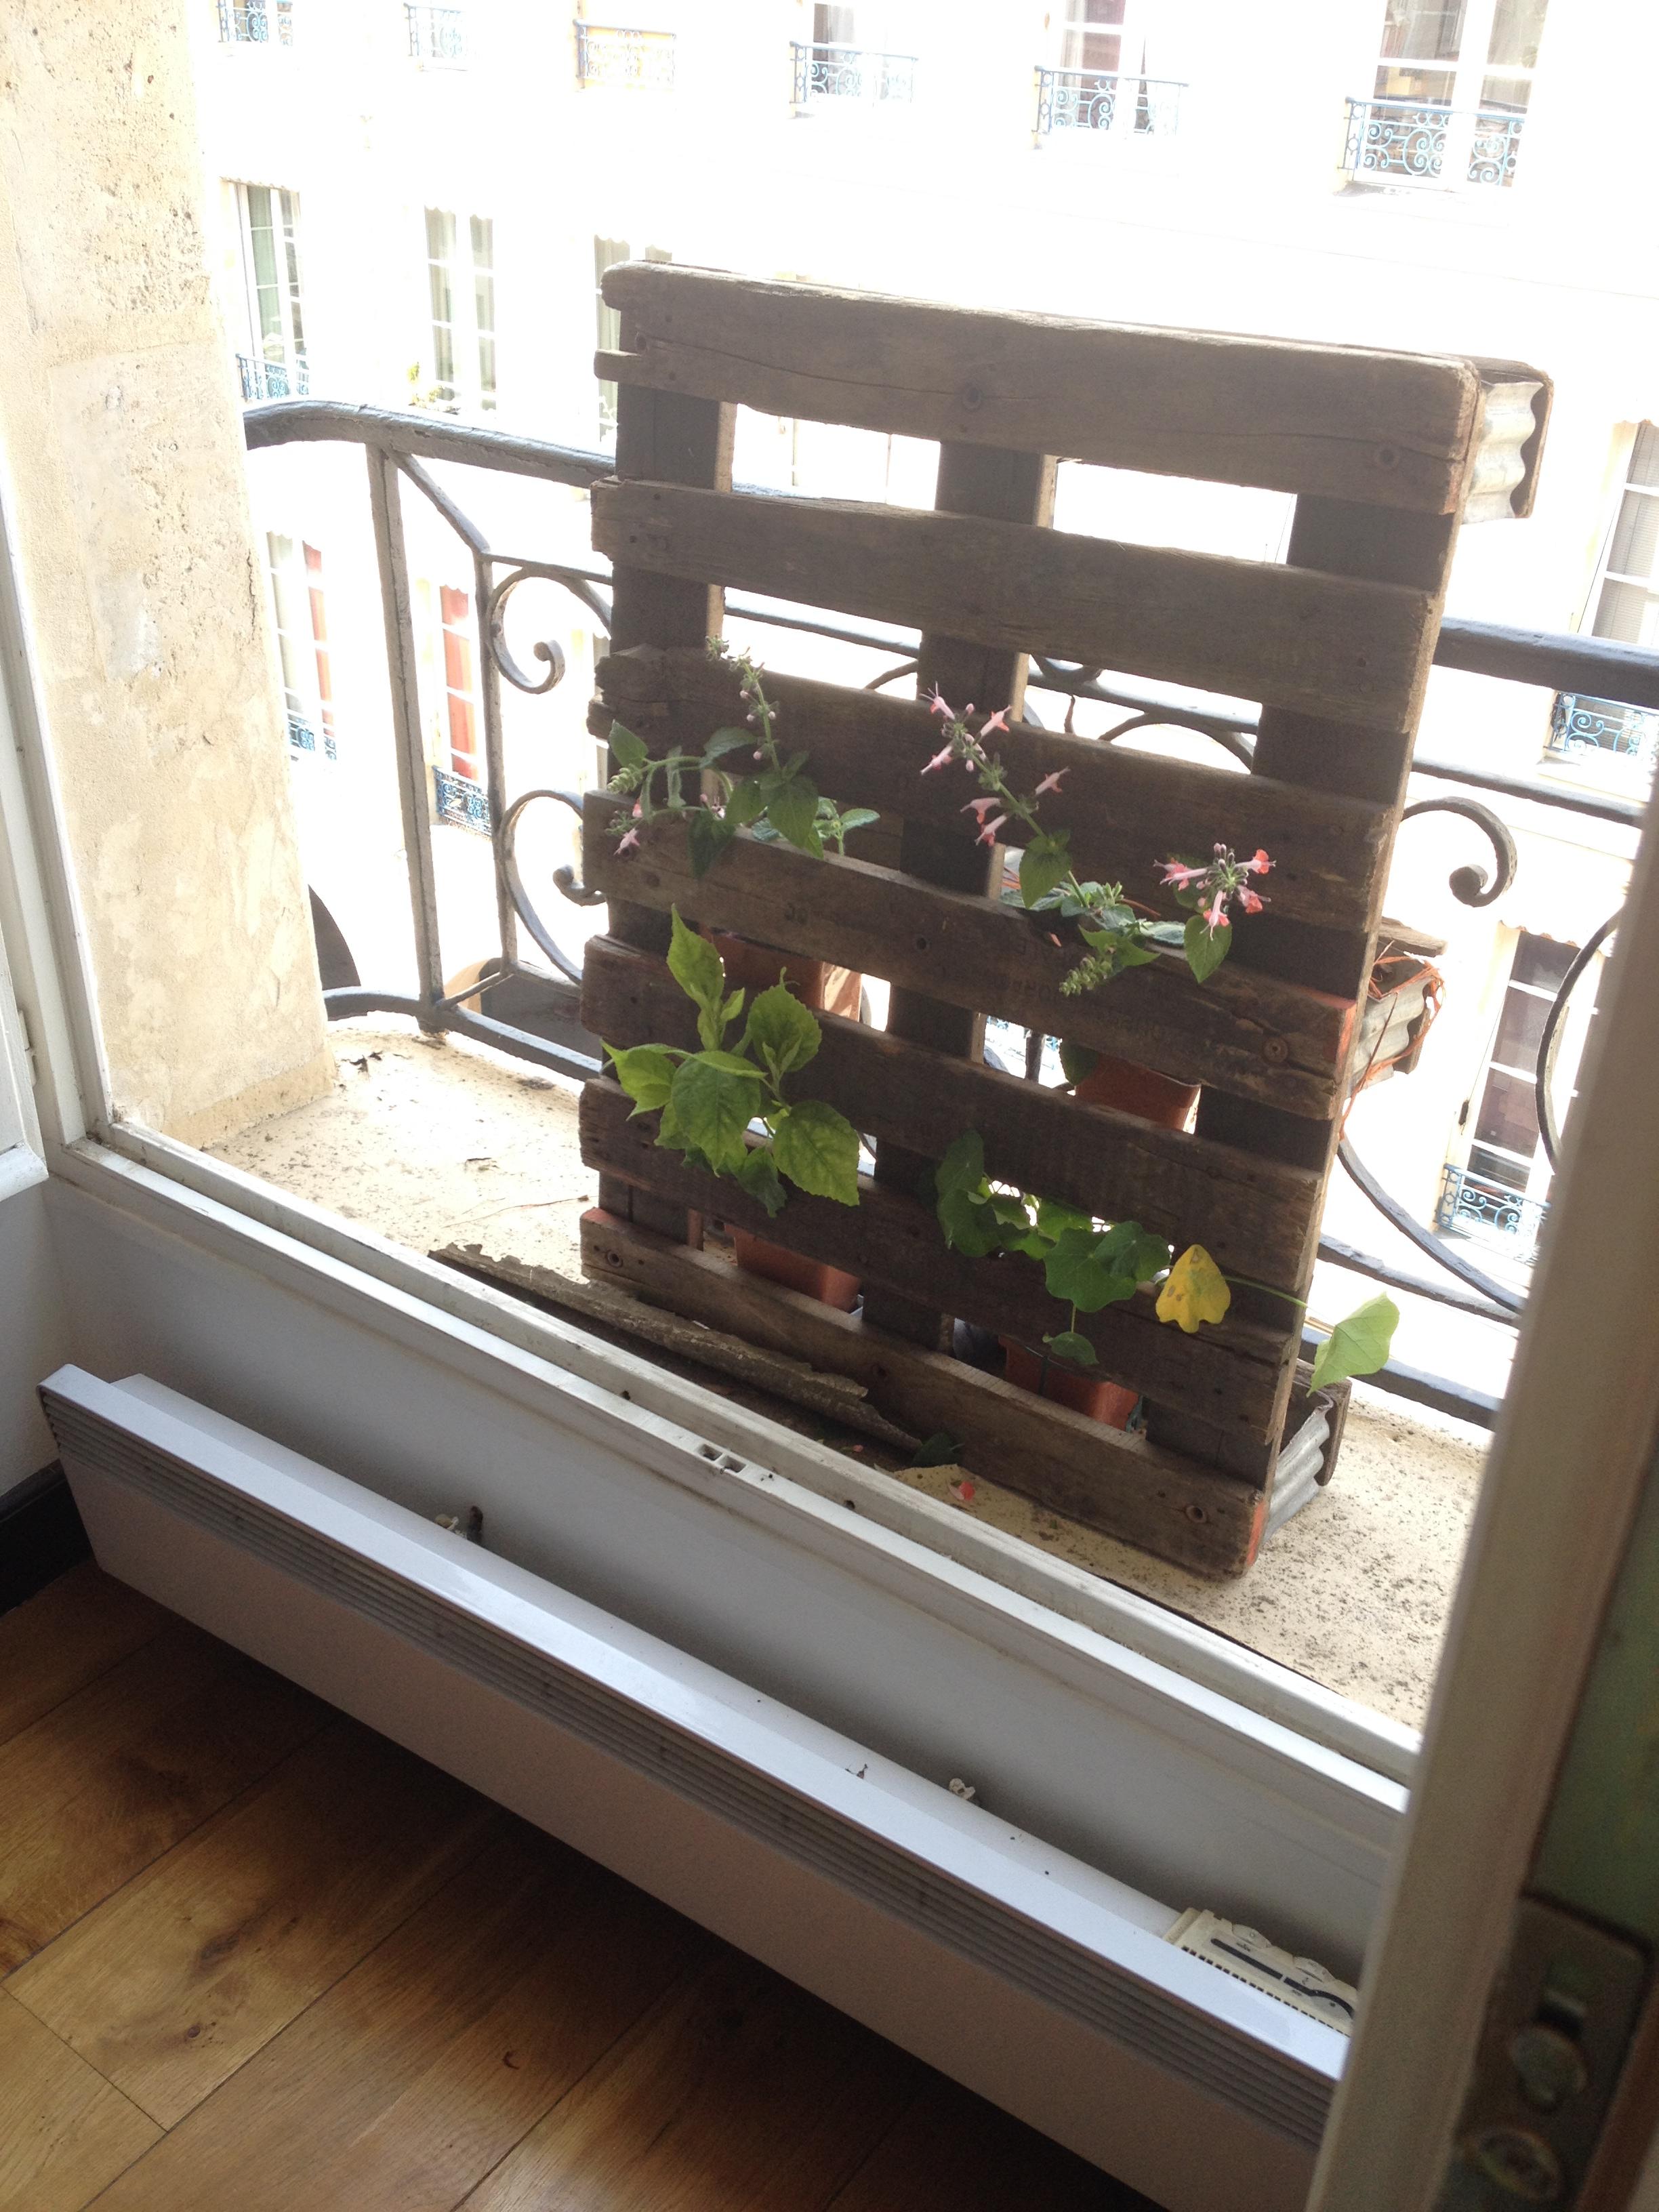 Diy palette et plantes chez vivianne - Mur vegetal interieur diy ...